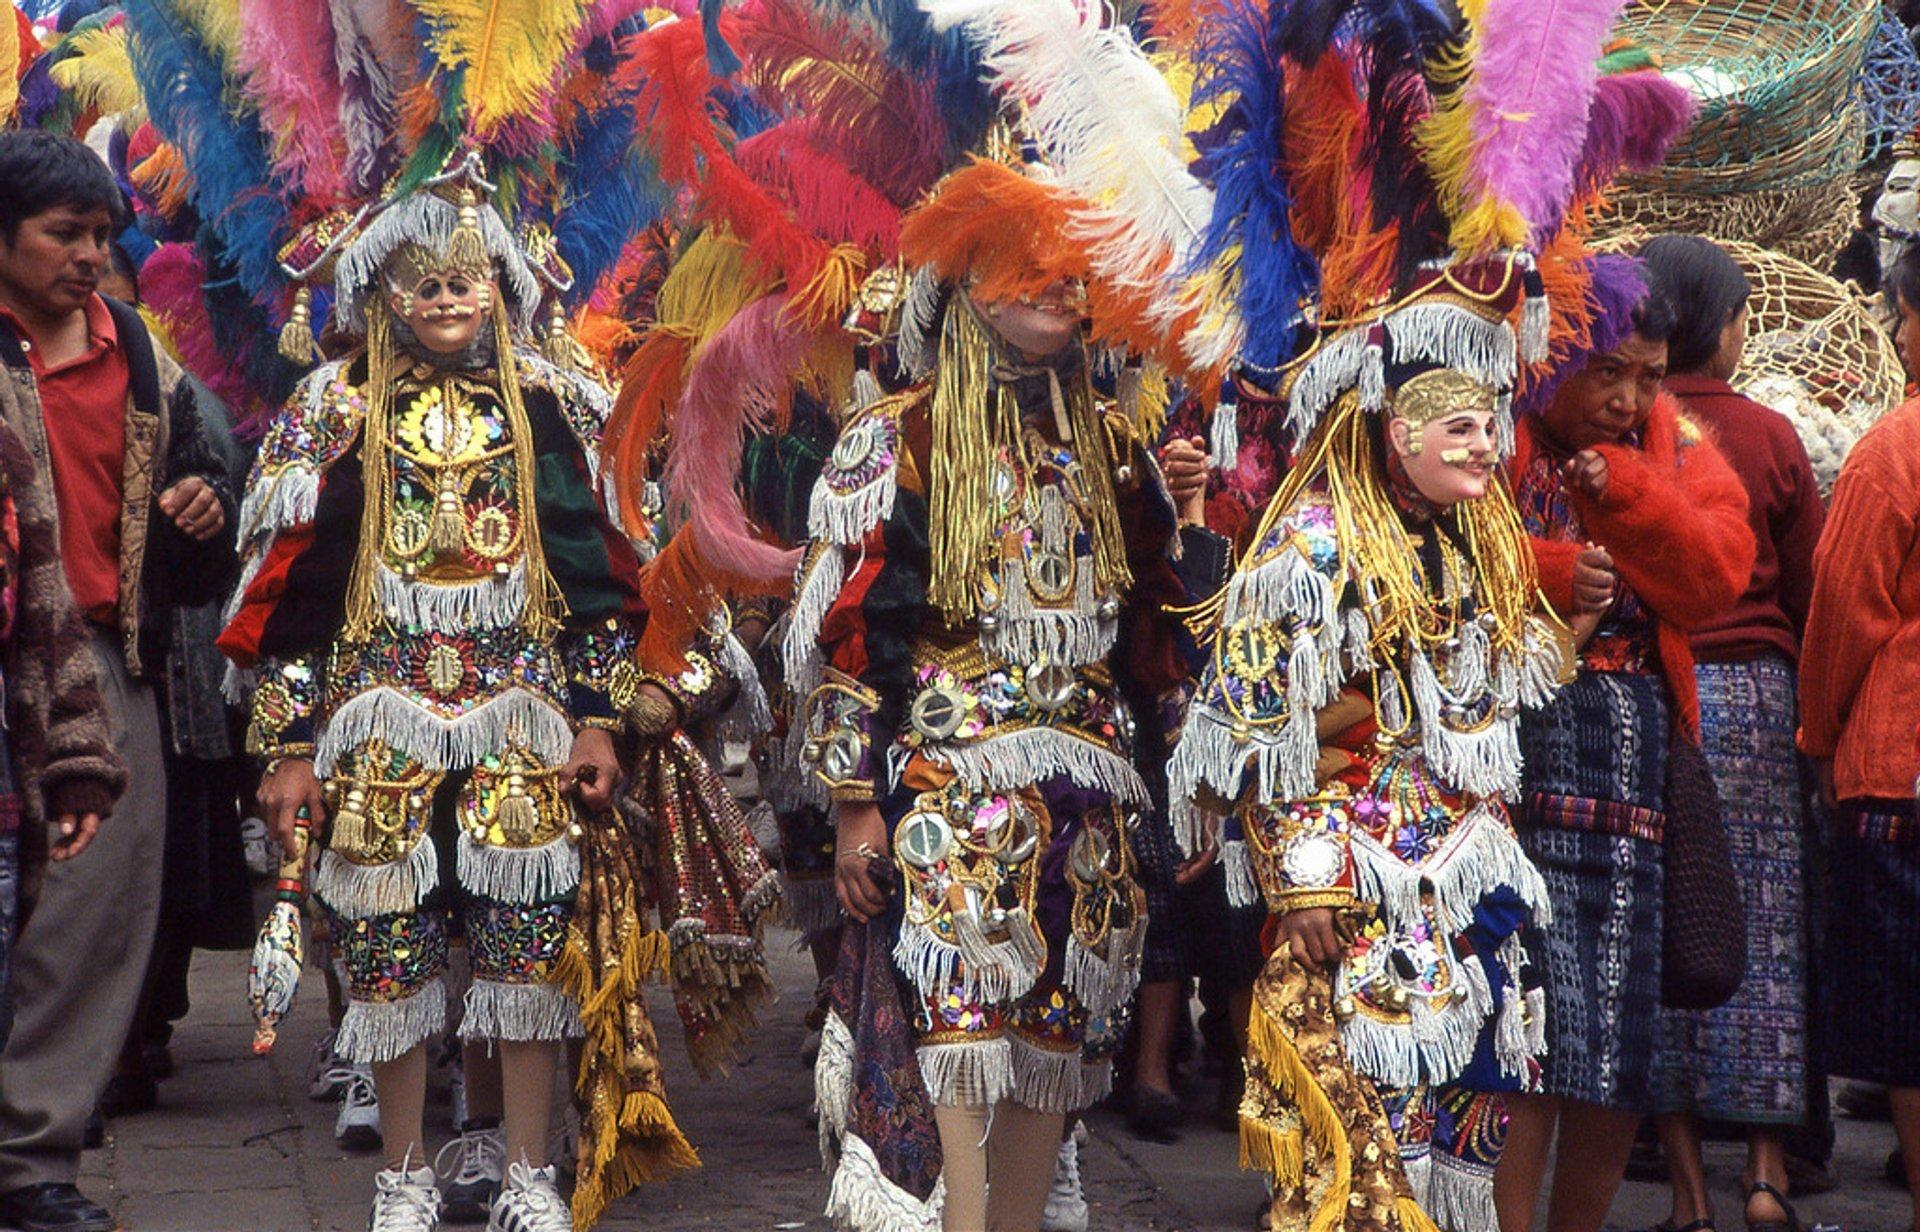 Fiesta de Santo Tomás in Guatemala - Best Time